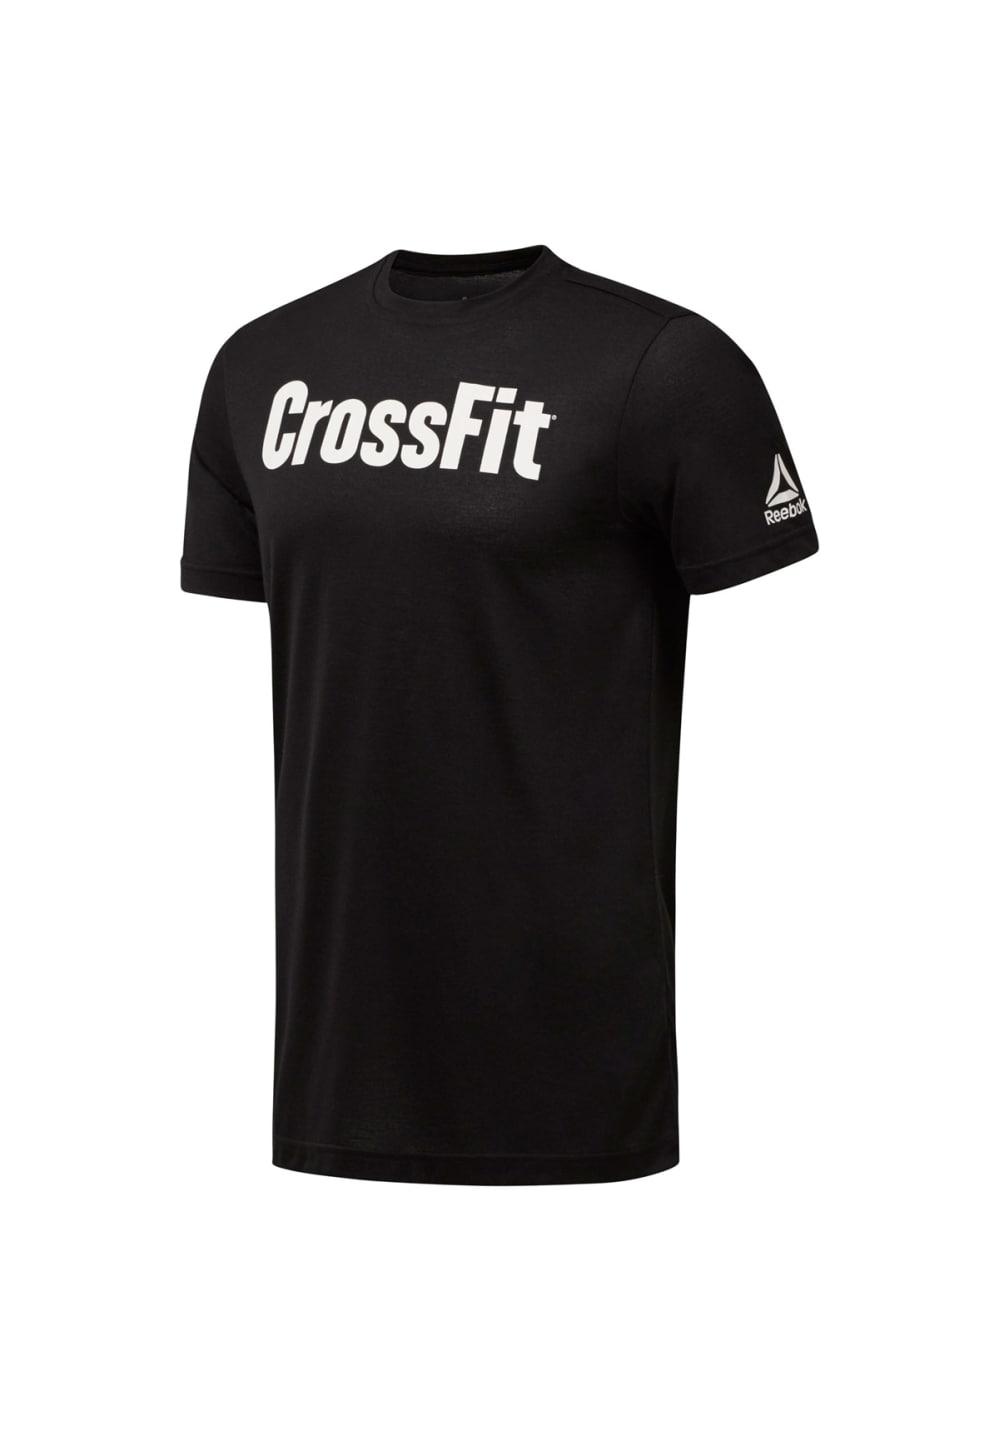 Reebok Crossfit Speedwick F.e.f. Graphic Tee - Fitnessshirts für Herren - Schwa